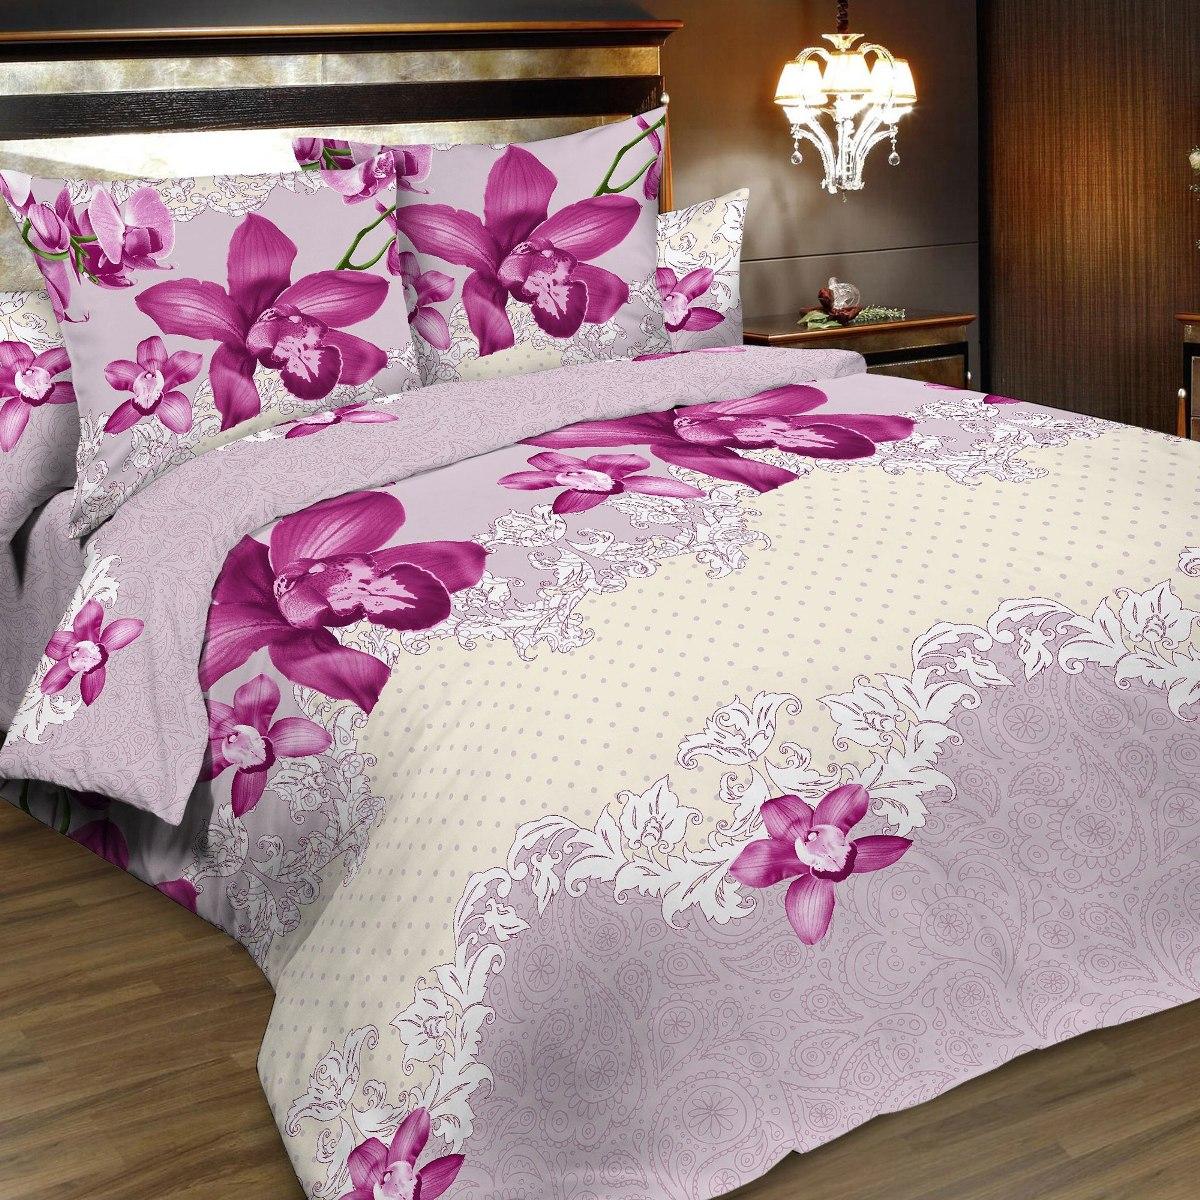 Комплект белья Letto, 2-спальный, наволочки 70х70, цвет: розовый. B168-4B168-4Серия Letto «Традиция» выполнена из классической российской бязи, привычной для большинства российских покупательниц. Ткань плотная (125гр/м), используются современные устойчивые красители. Традиционная российская бязь выгодно отличается от импортных аналогов по цене, при том, что сама ткань и толще, меньше сминается и служит намного дольше. Рекомендуется перед первым использованием постирать, но не пересушивать. Применение кондиционера при стирке сделает такое постельное белье мягче и комфортней. Пододеяльник на молнии. Обращаем внимание, что расцветка наволочек может отличаться от представленной на фото.